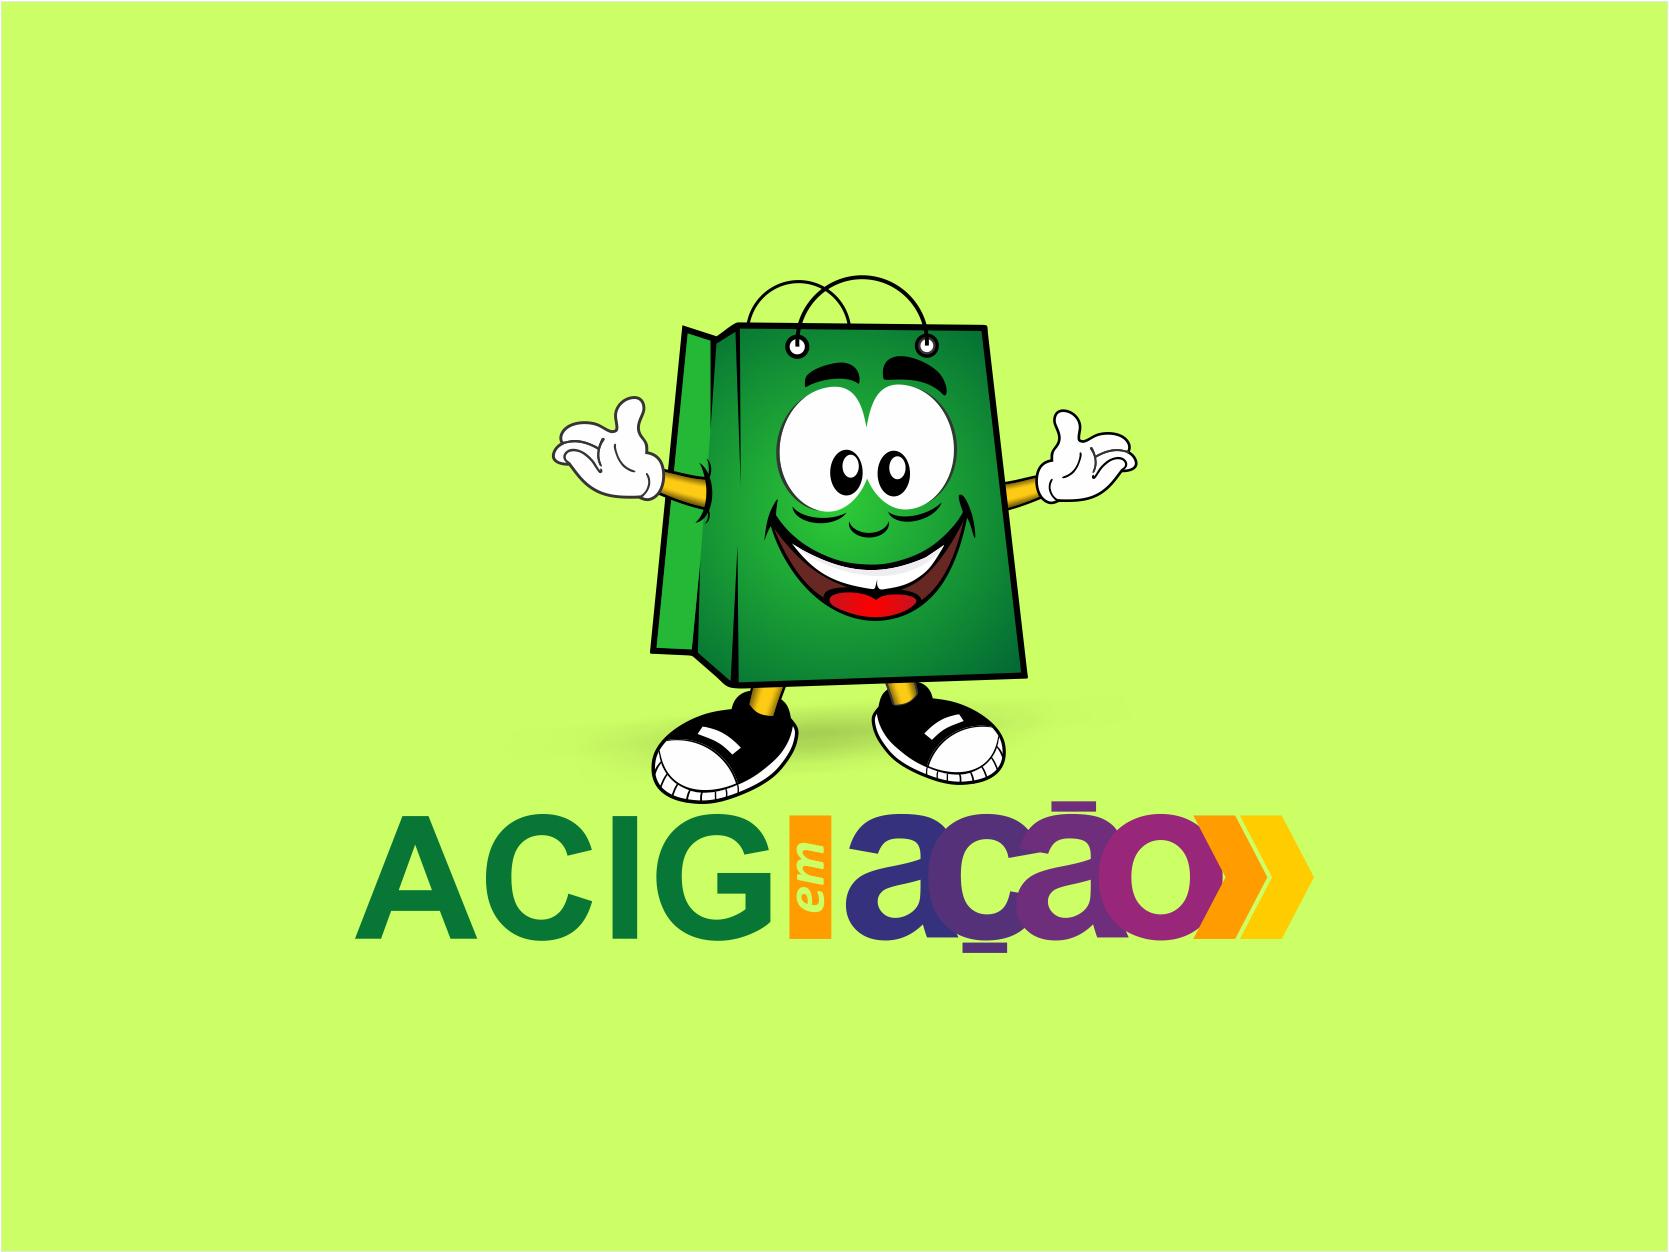 ACIG em ação